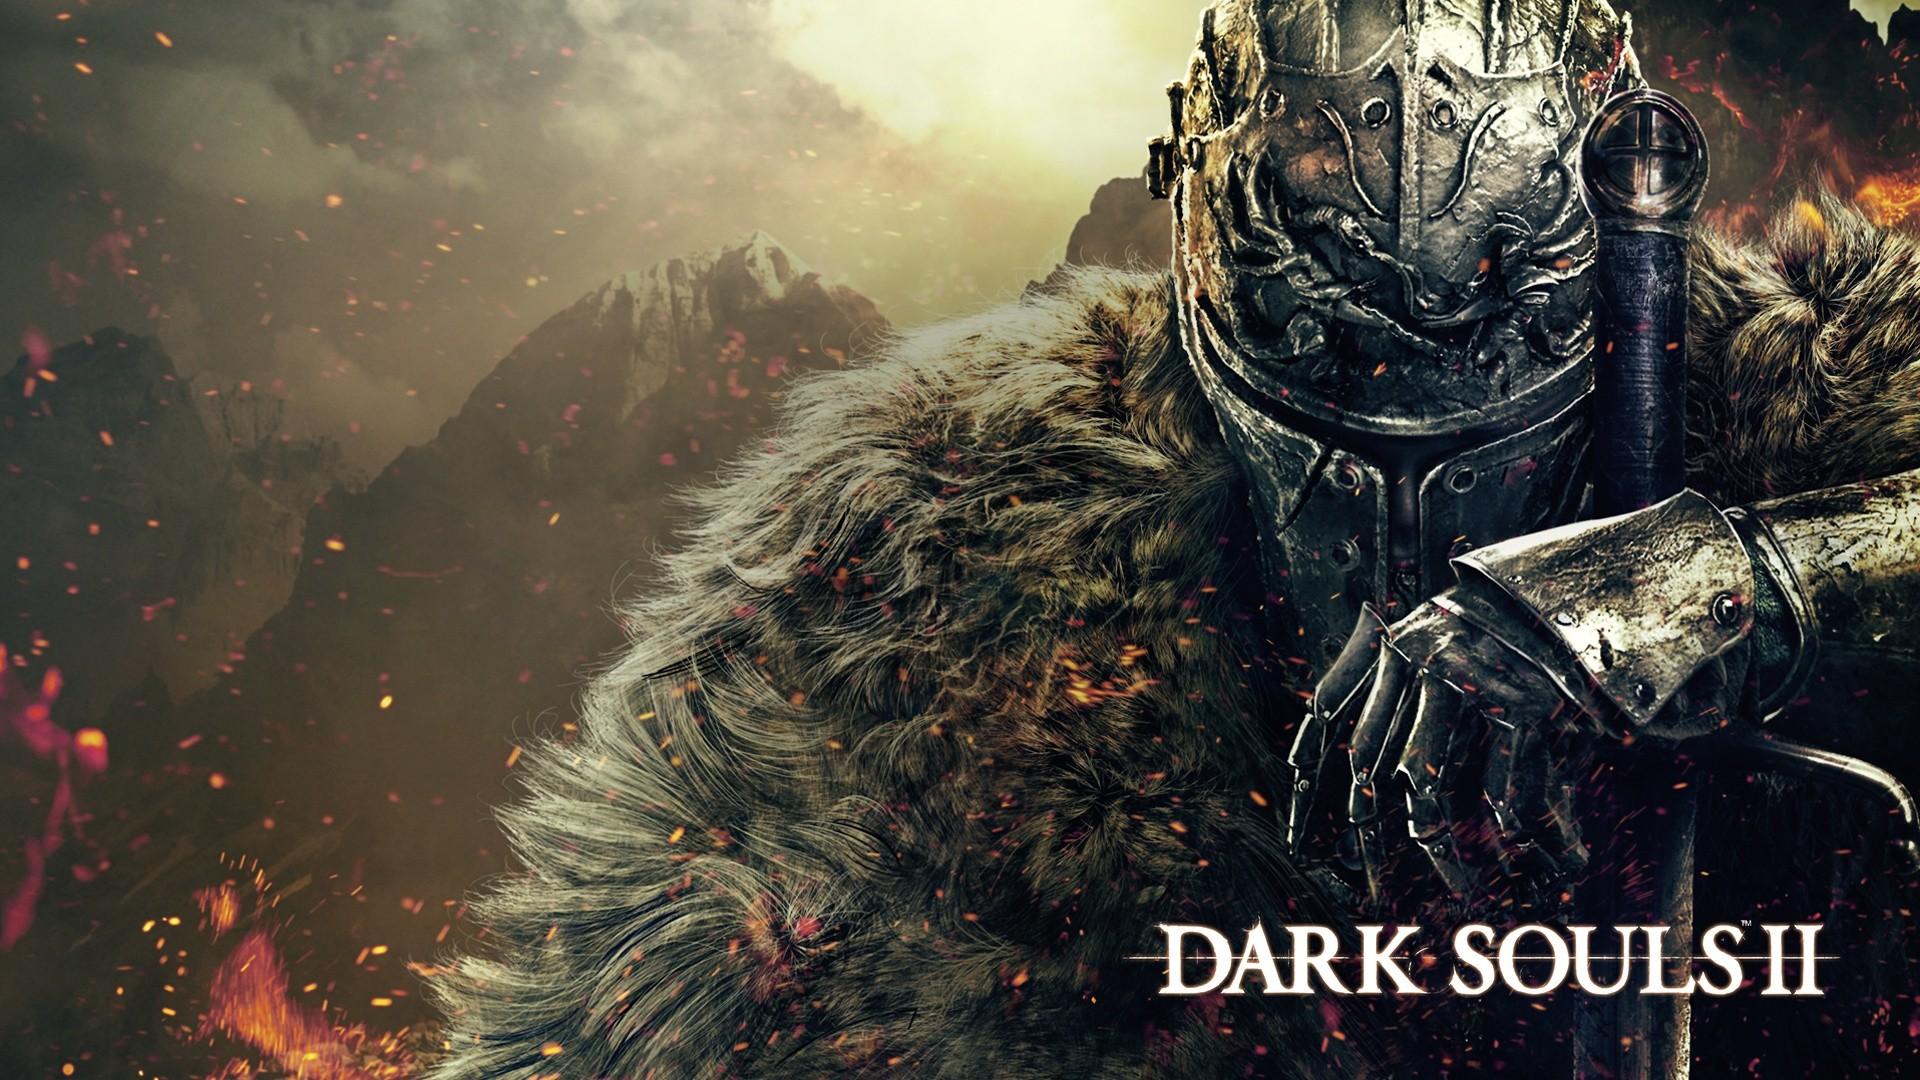 Fonds d'écran Dark Souls 2 : tous les wallpapers Dark Souls 2